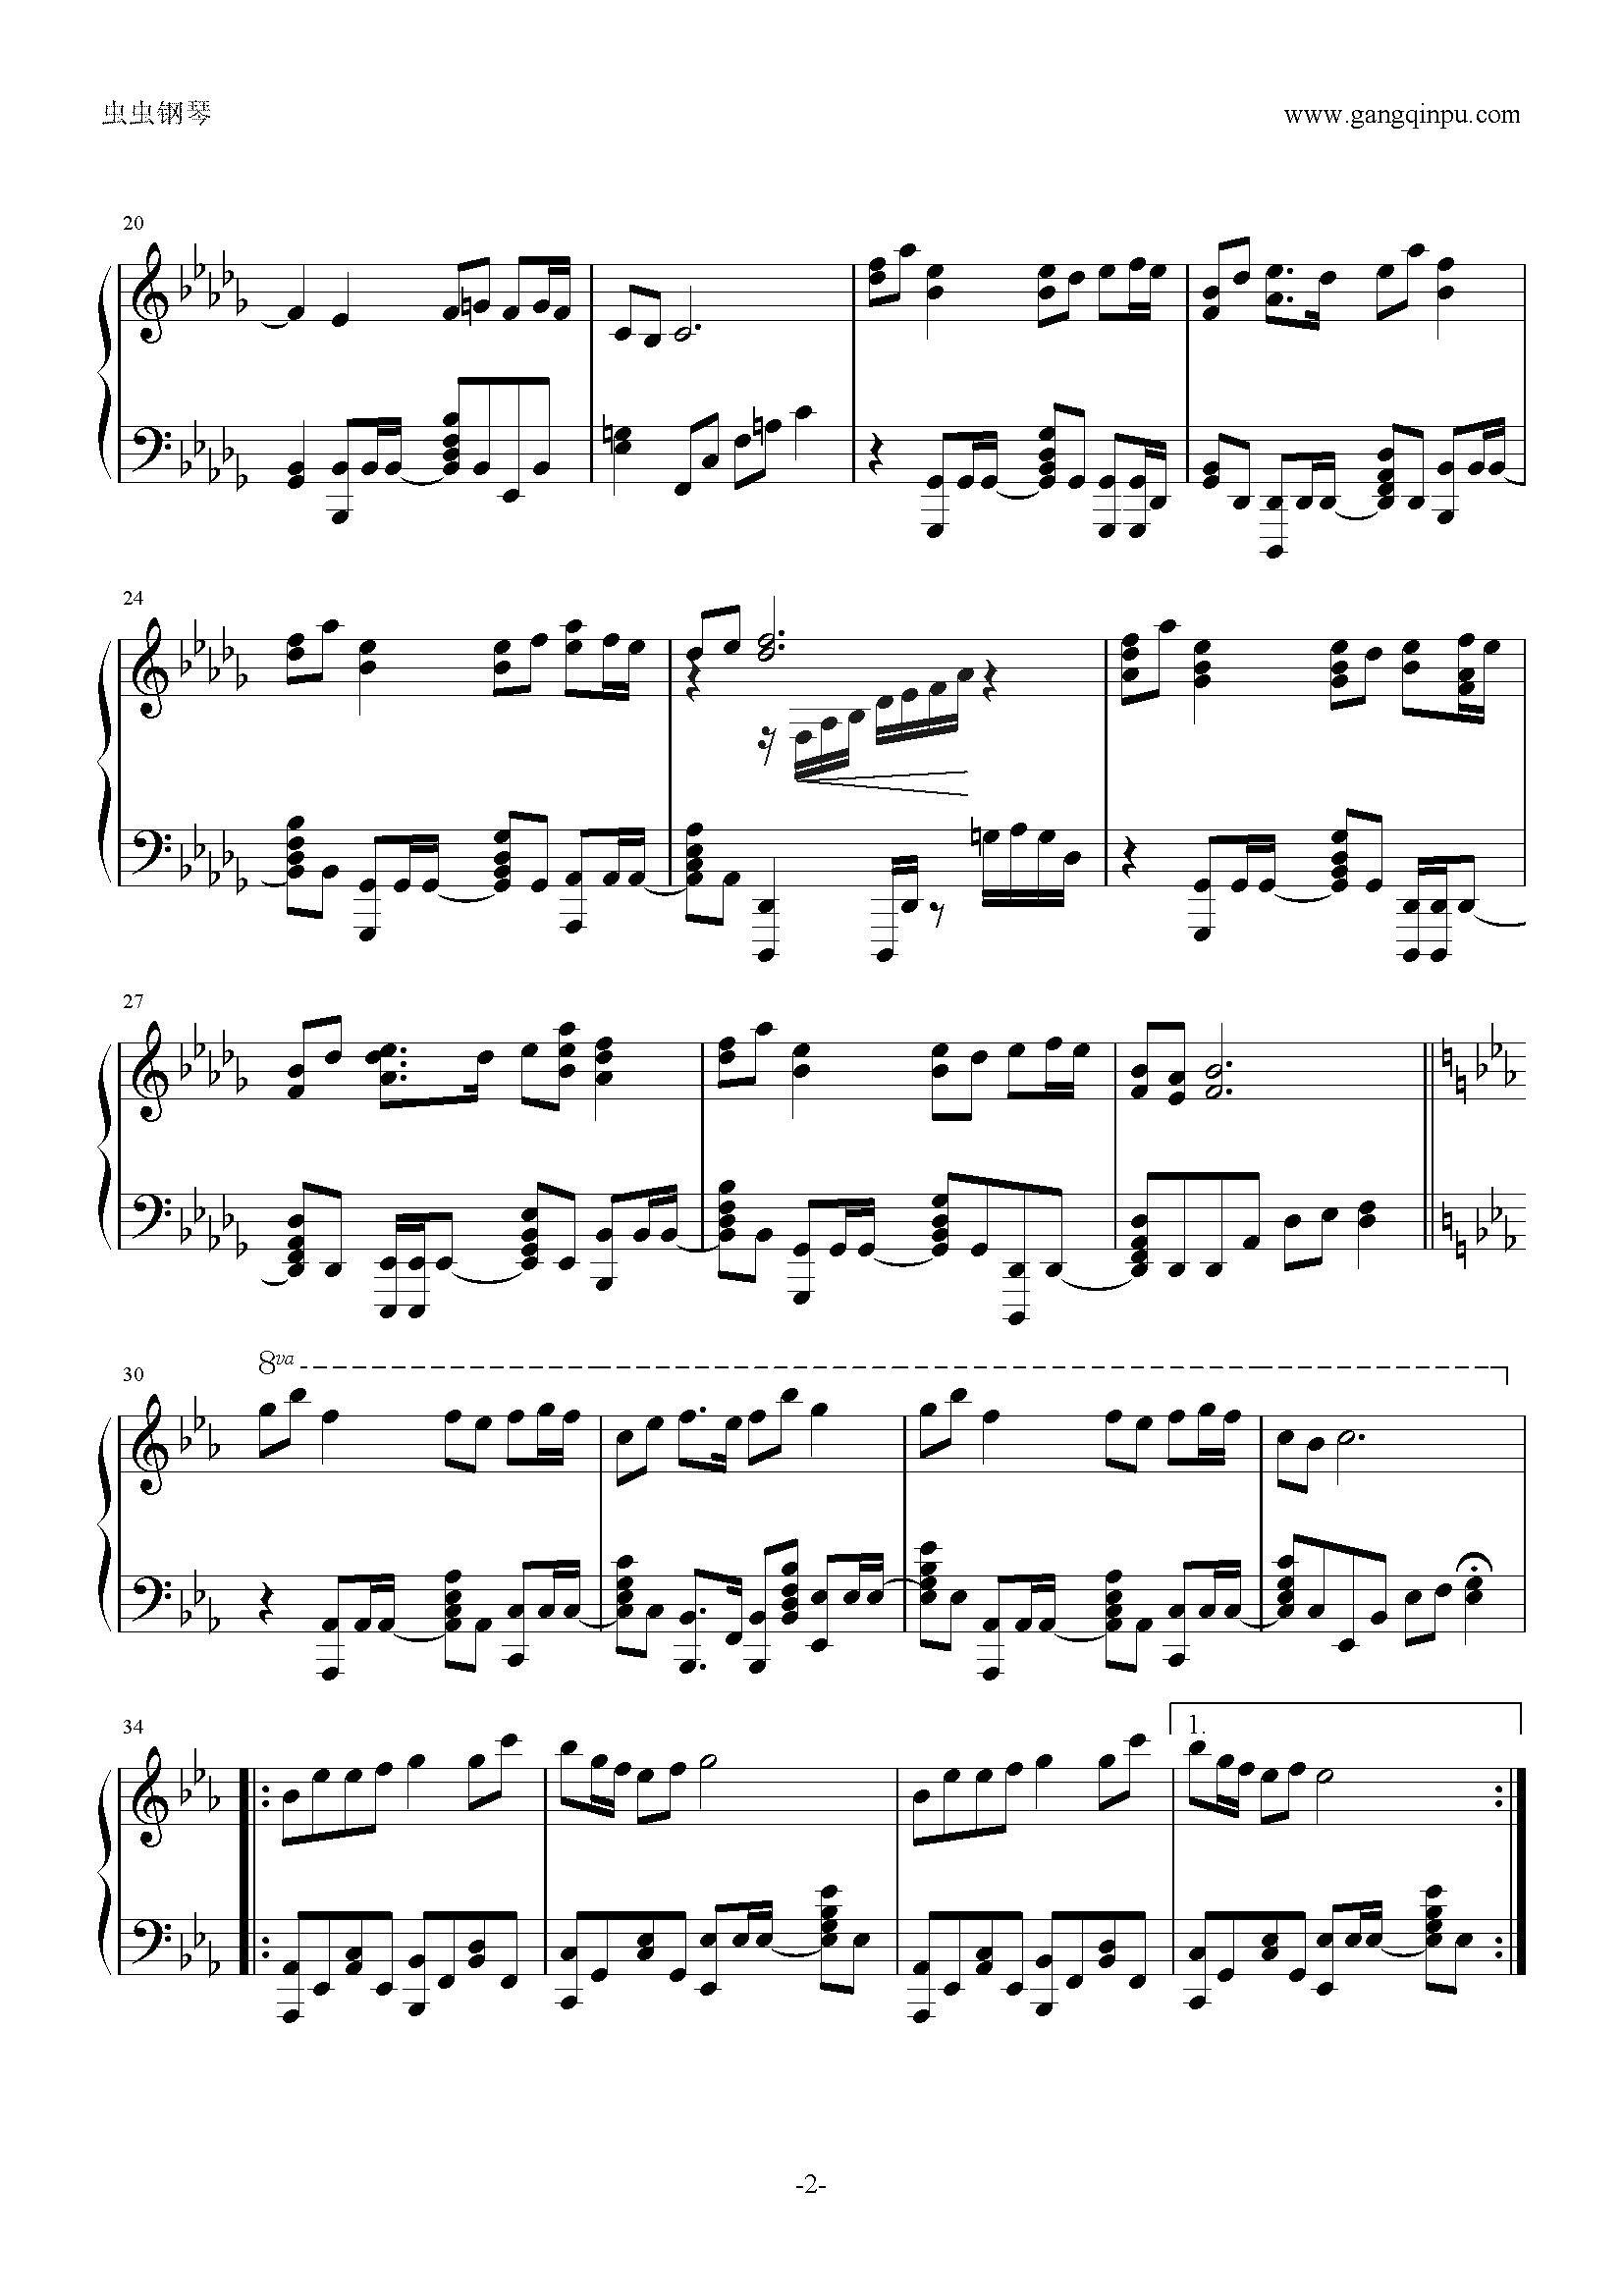 精灵梦叶罗丽钢琴曲谱-叶桜,梦と叶桜钢琴谱,梦と叶桜钢琴谱网,梦と叶桜钢琴谱大全,